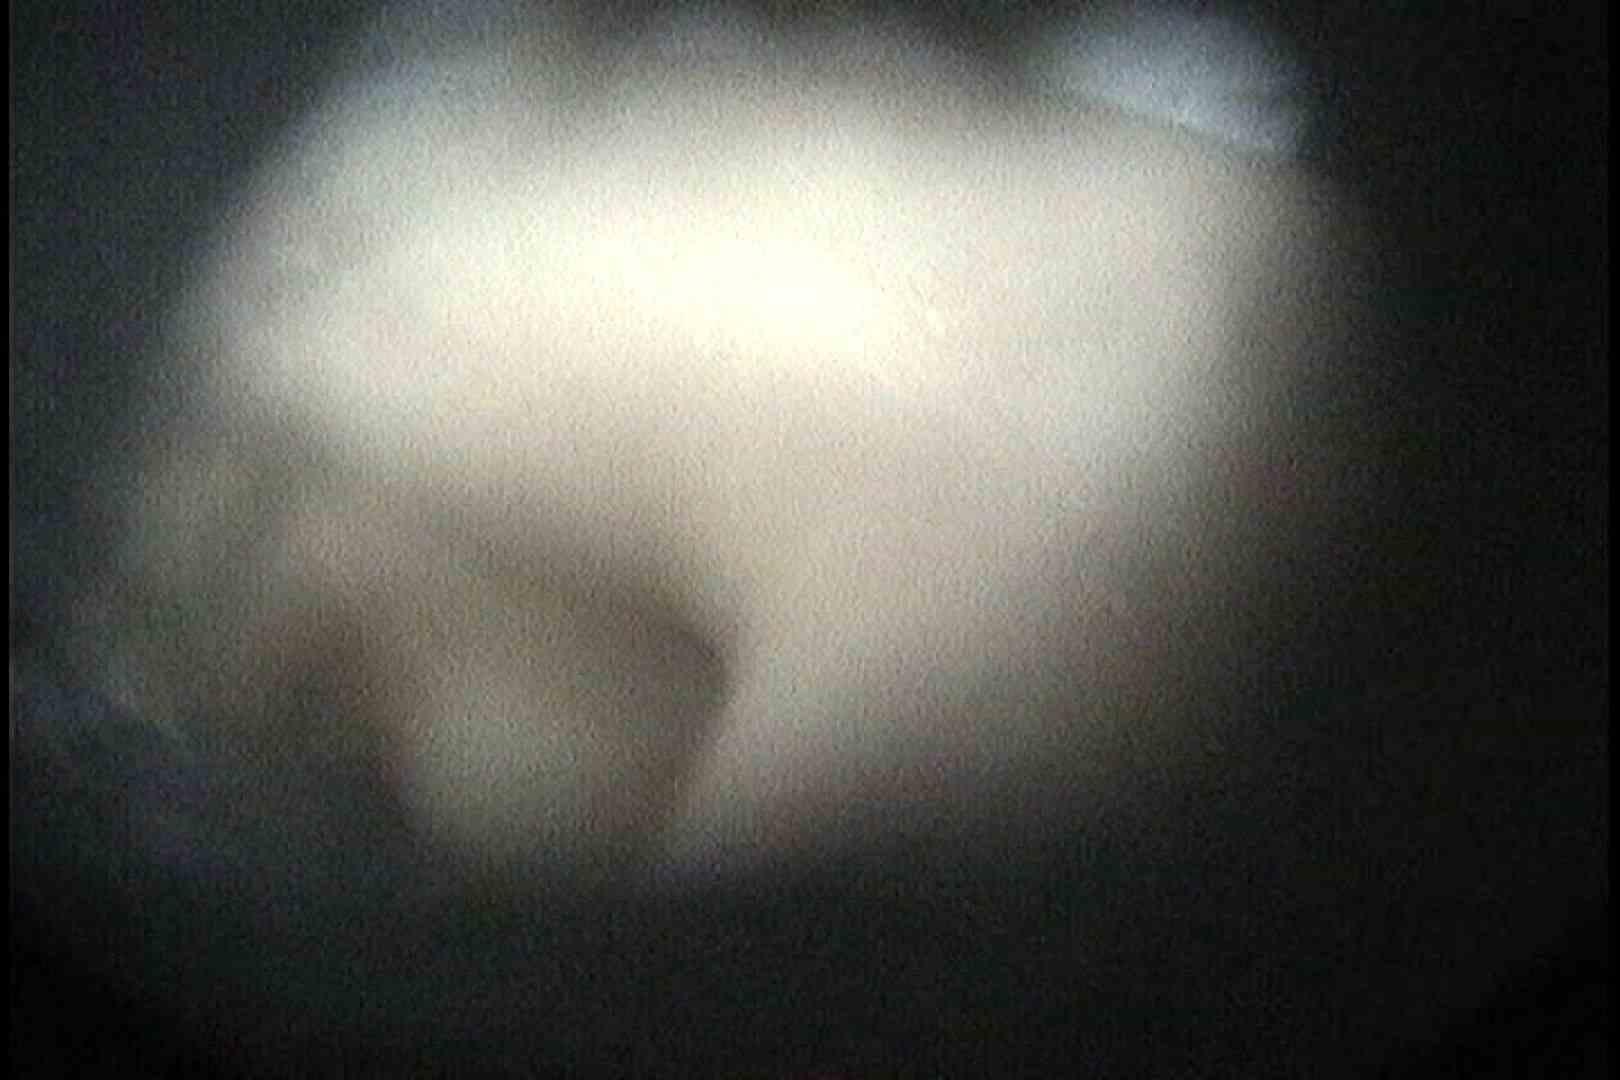 盗撮AV:No.18 小さい割にはたれ気味の乳房:怪盗ジョーカー